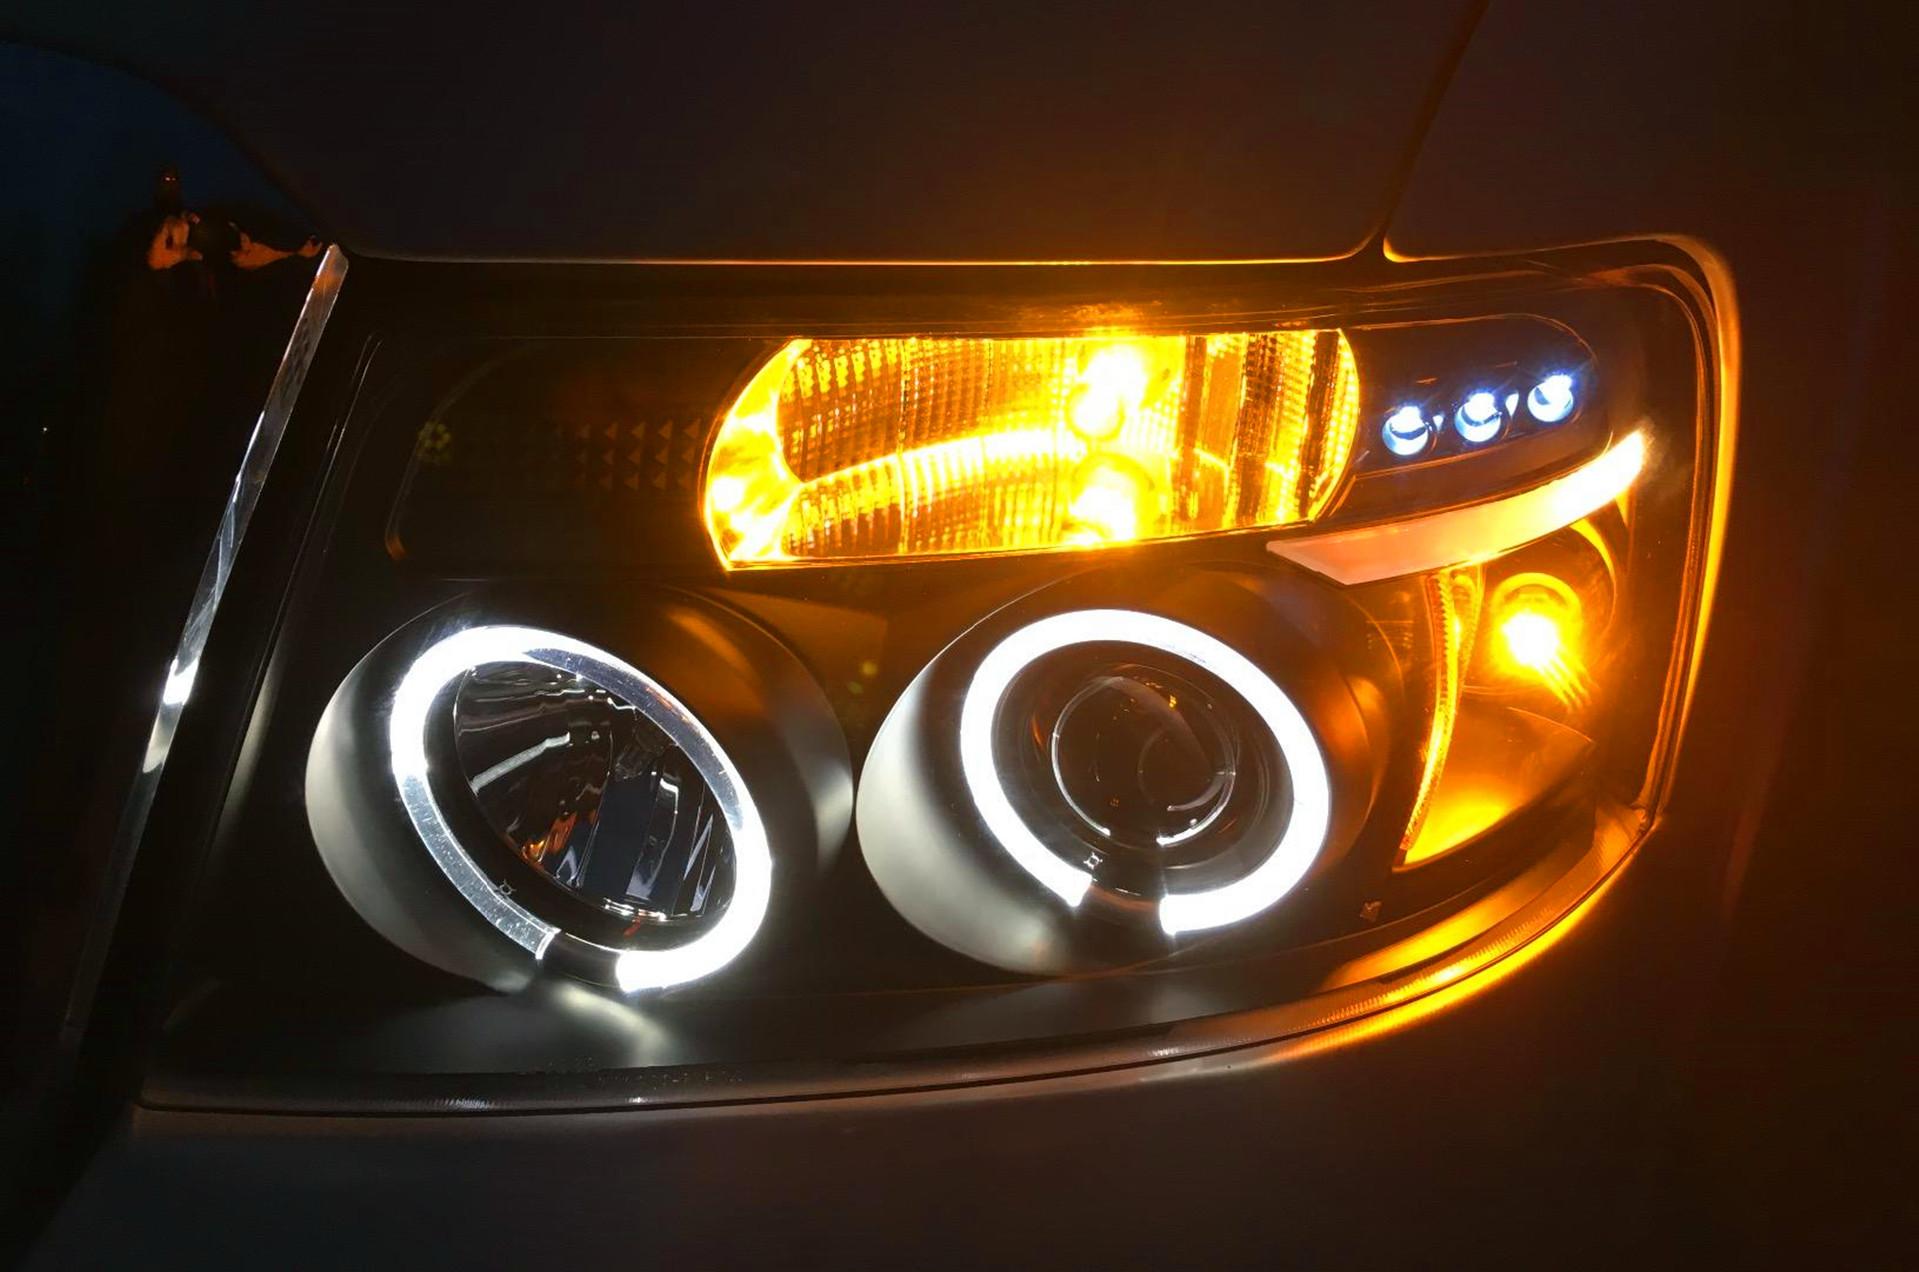 LED-Turn-Signal-Lights-Blinker-Marker-Lamps-Amber-Yellow-Car-Truck